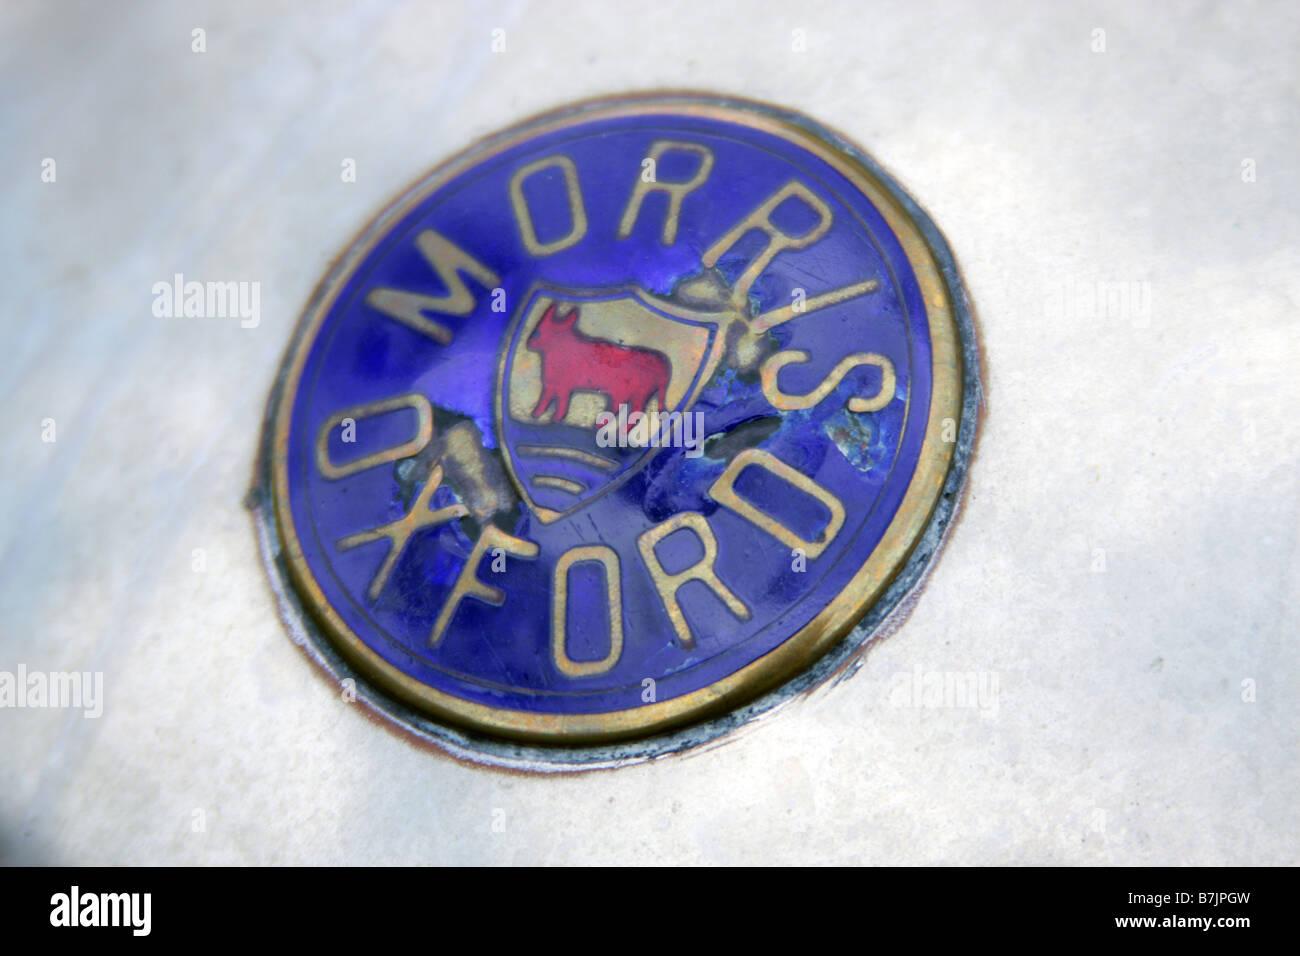 Old Morris Motors Ltd Oxford Car badge - Stock Image